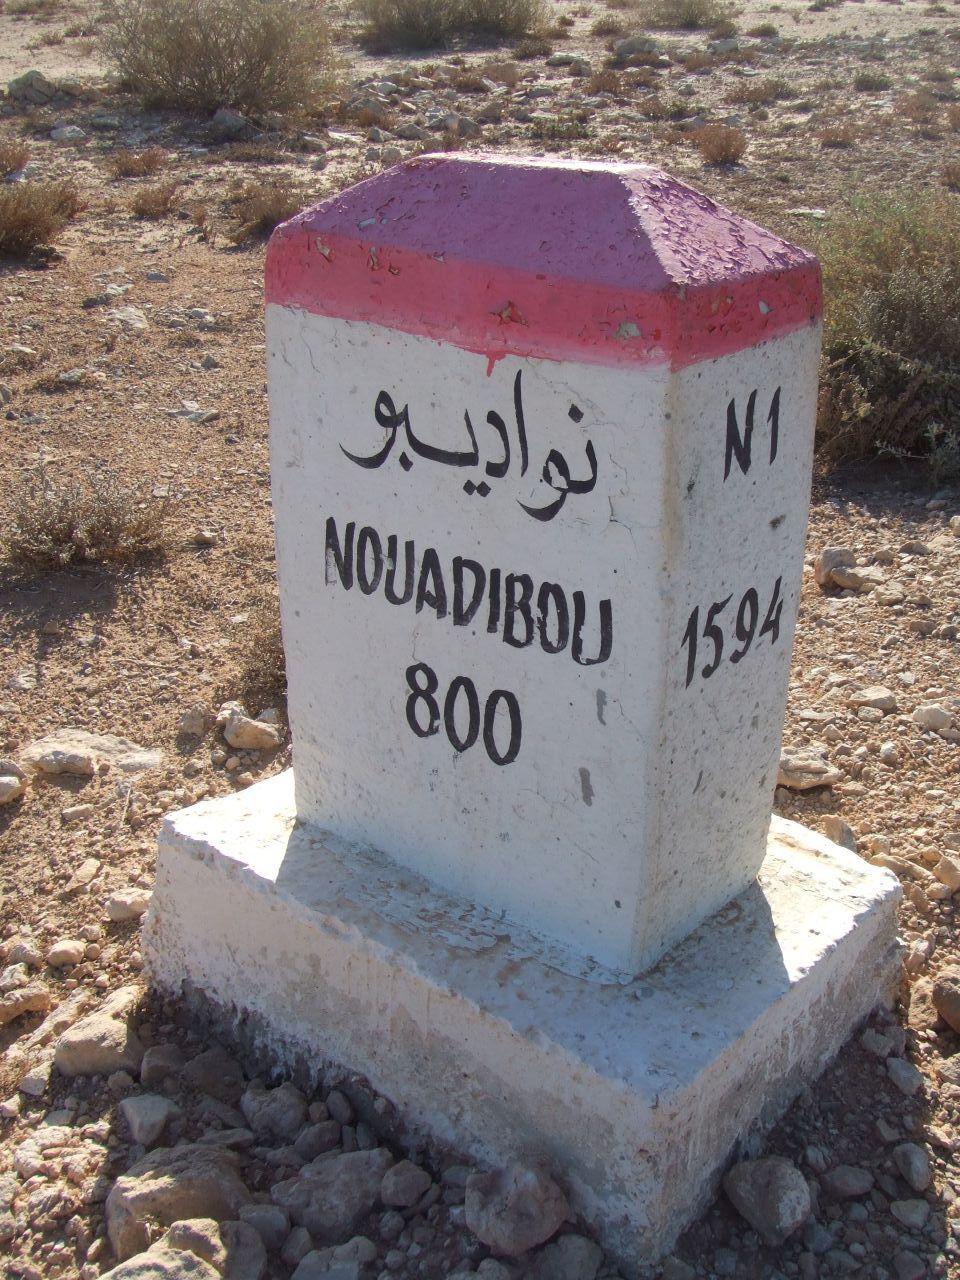 [Cayón] 13 Cincuentines a subasta (PRÓXIMAMENTE) - Página 7 Mojon_kilometrico_en_la_ruta_N1_indicando_800_km_to_Nuadibu